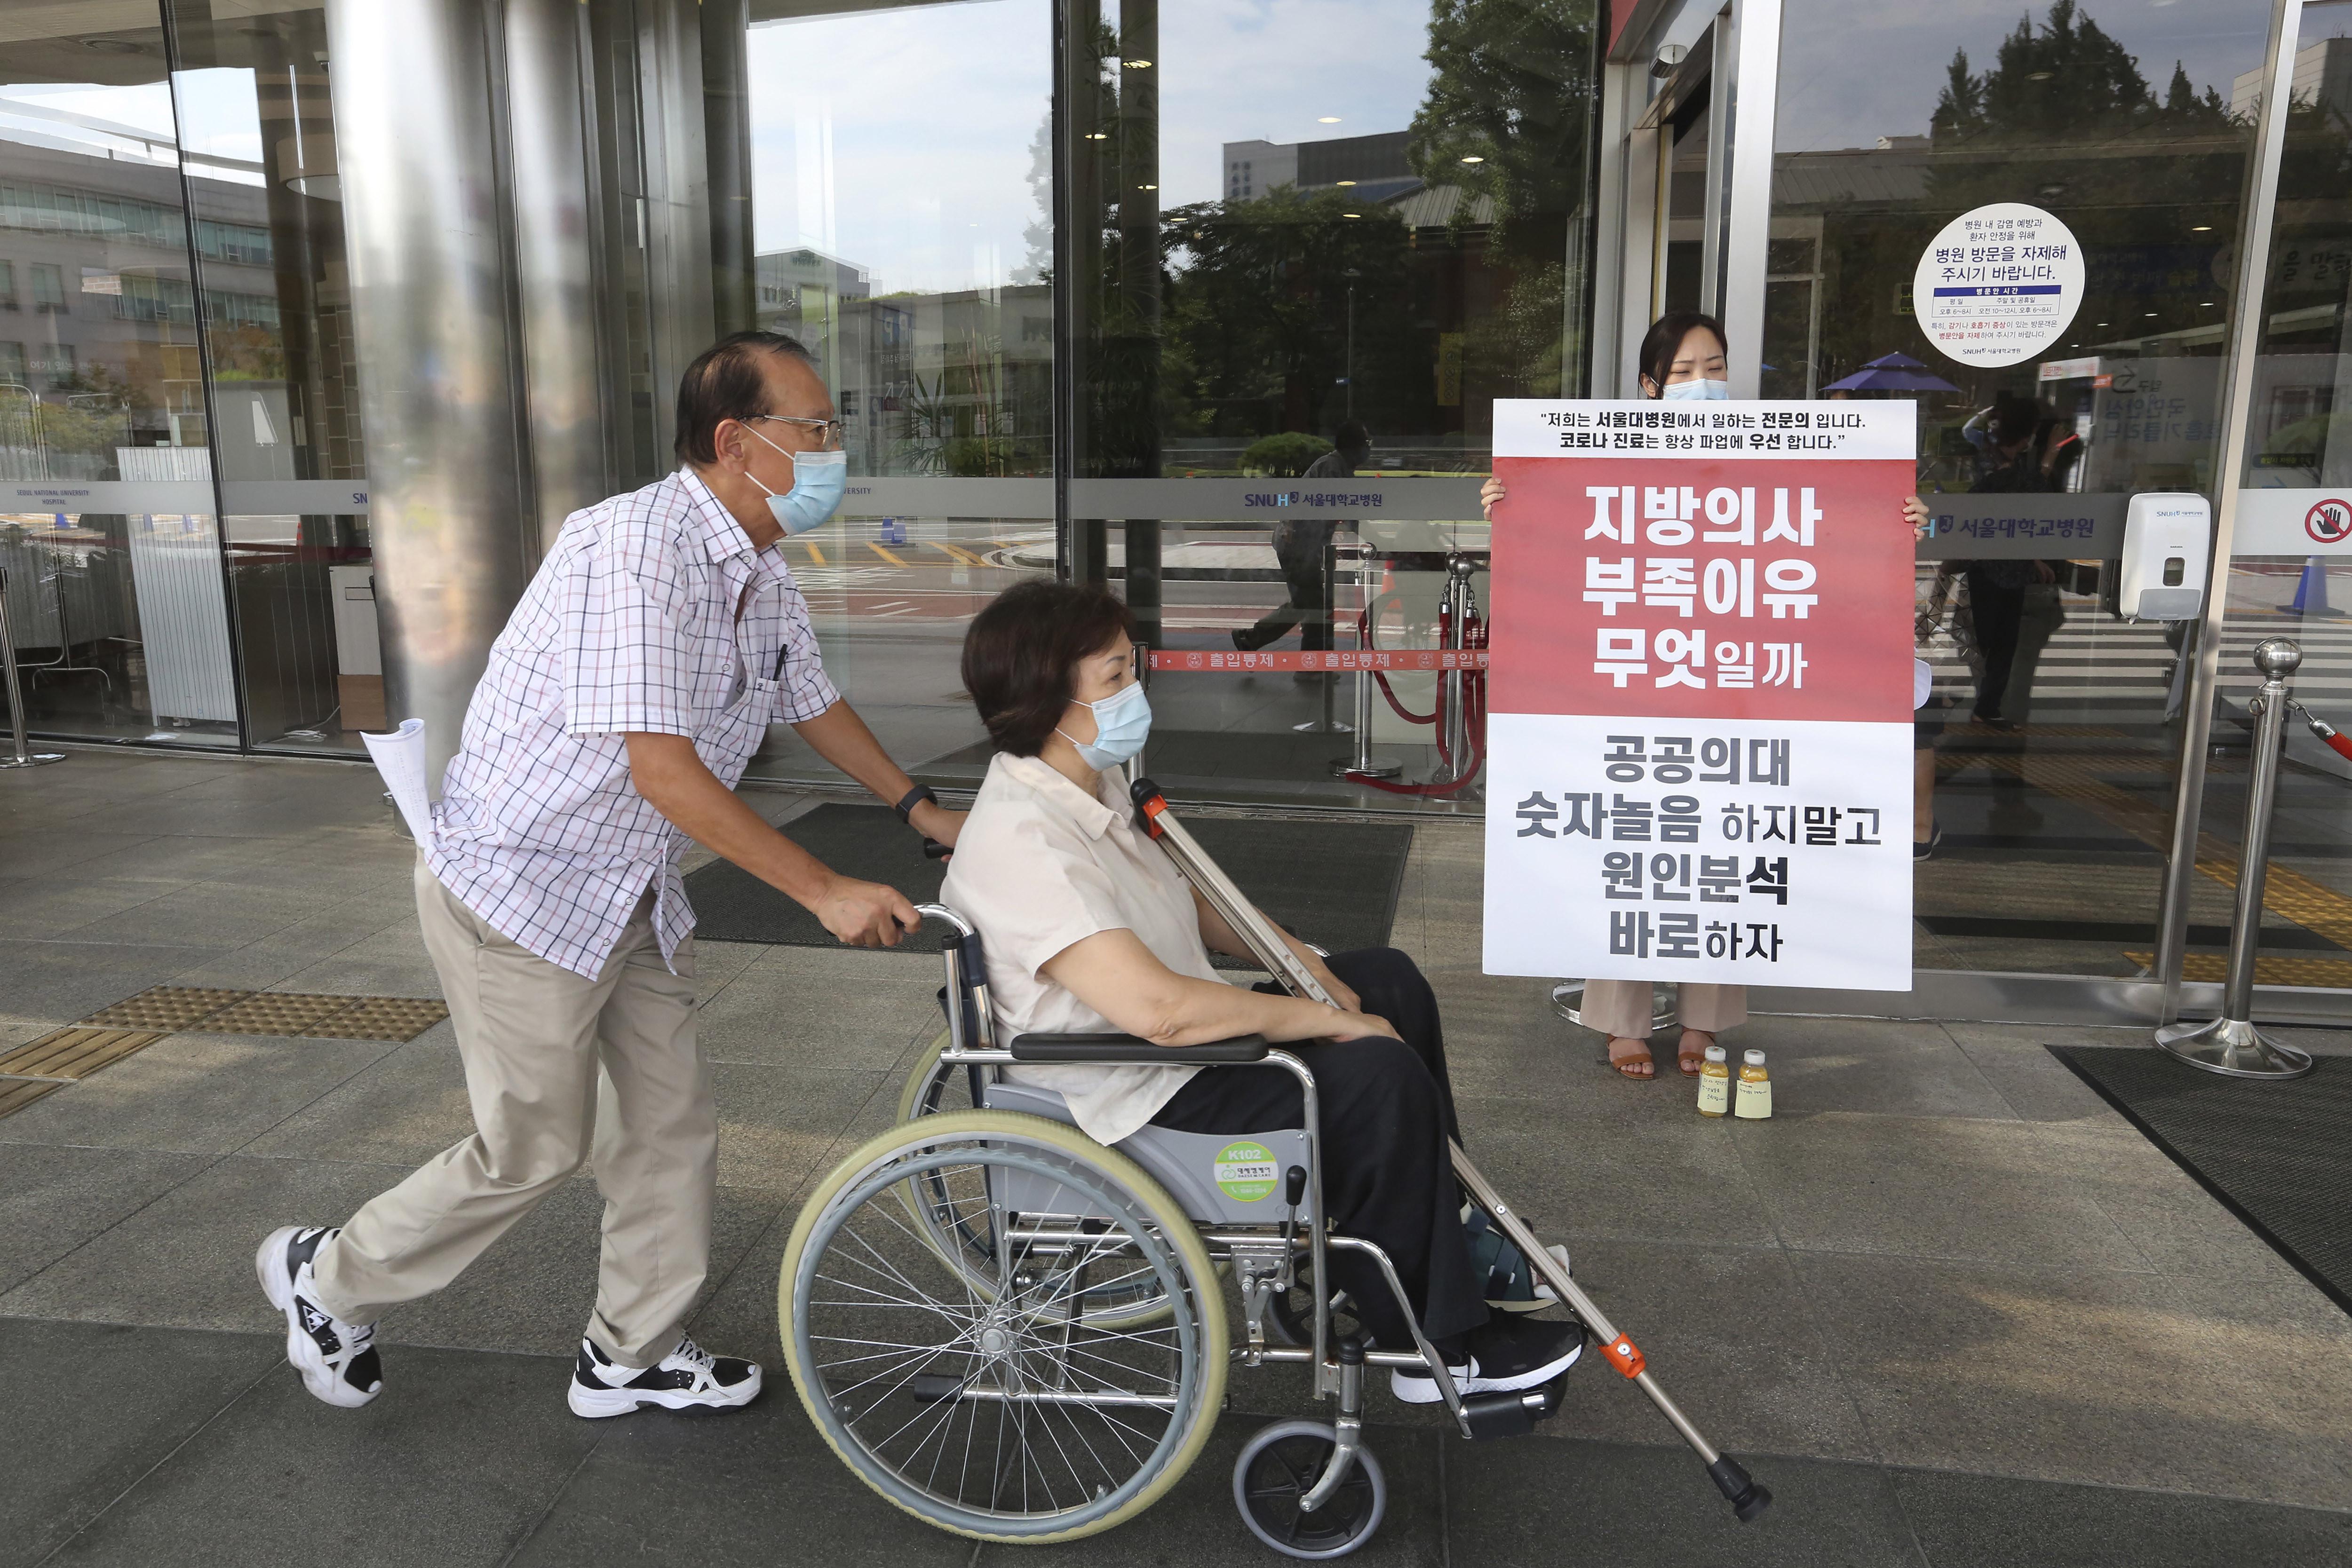 ▲▼南韓實習醫師發起大罷工,使醫院無法接收急診患者。(圖/達志影像/美聯社)